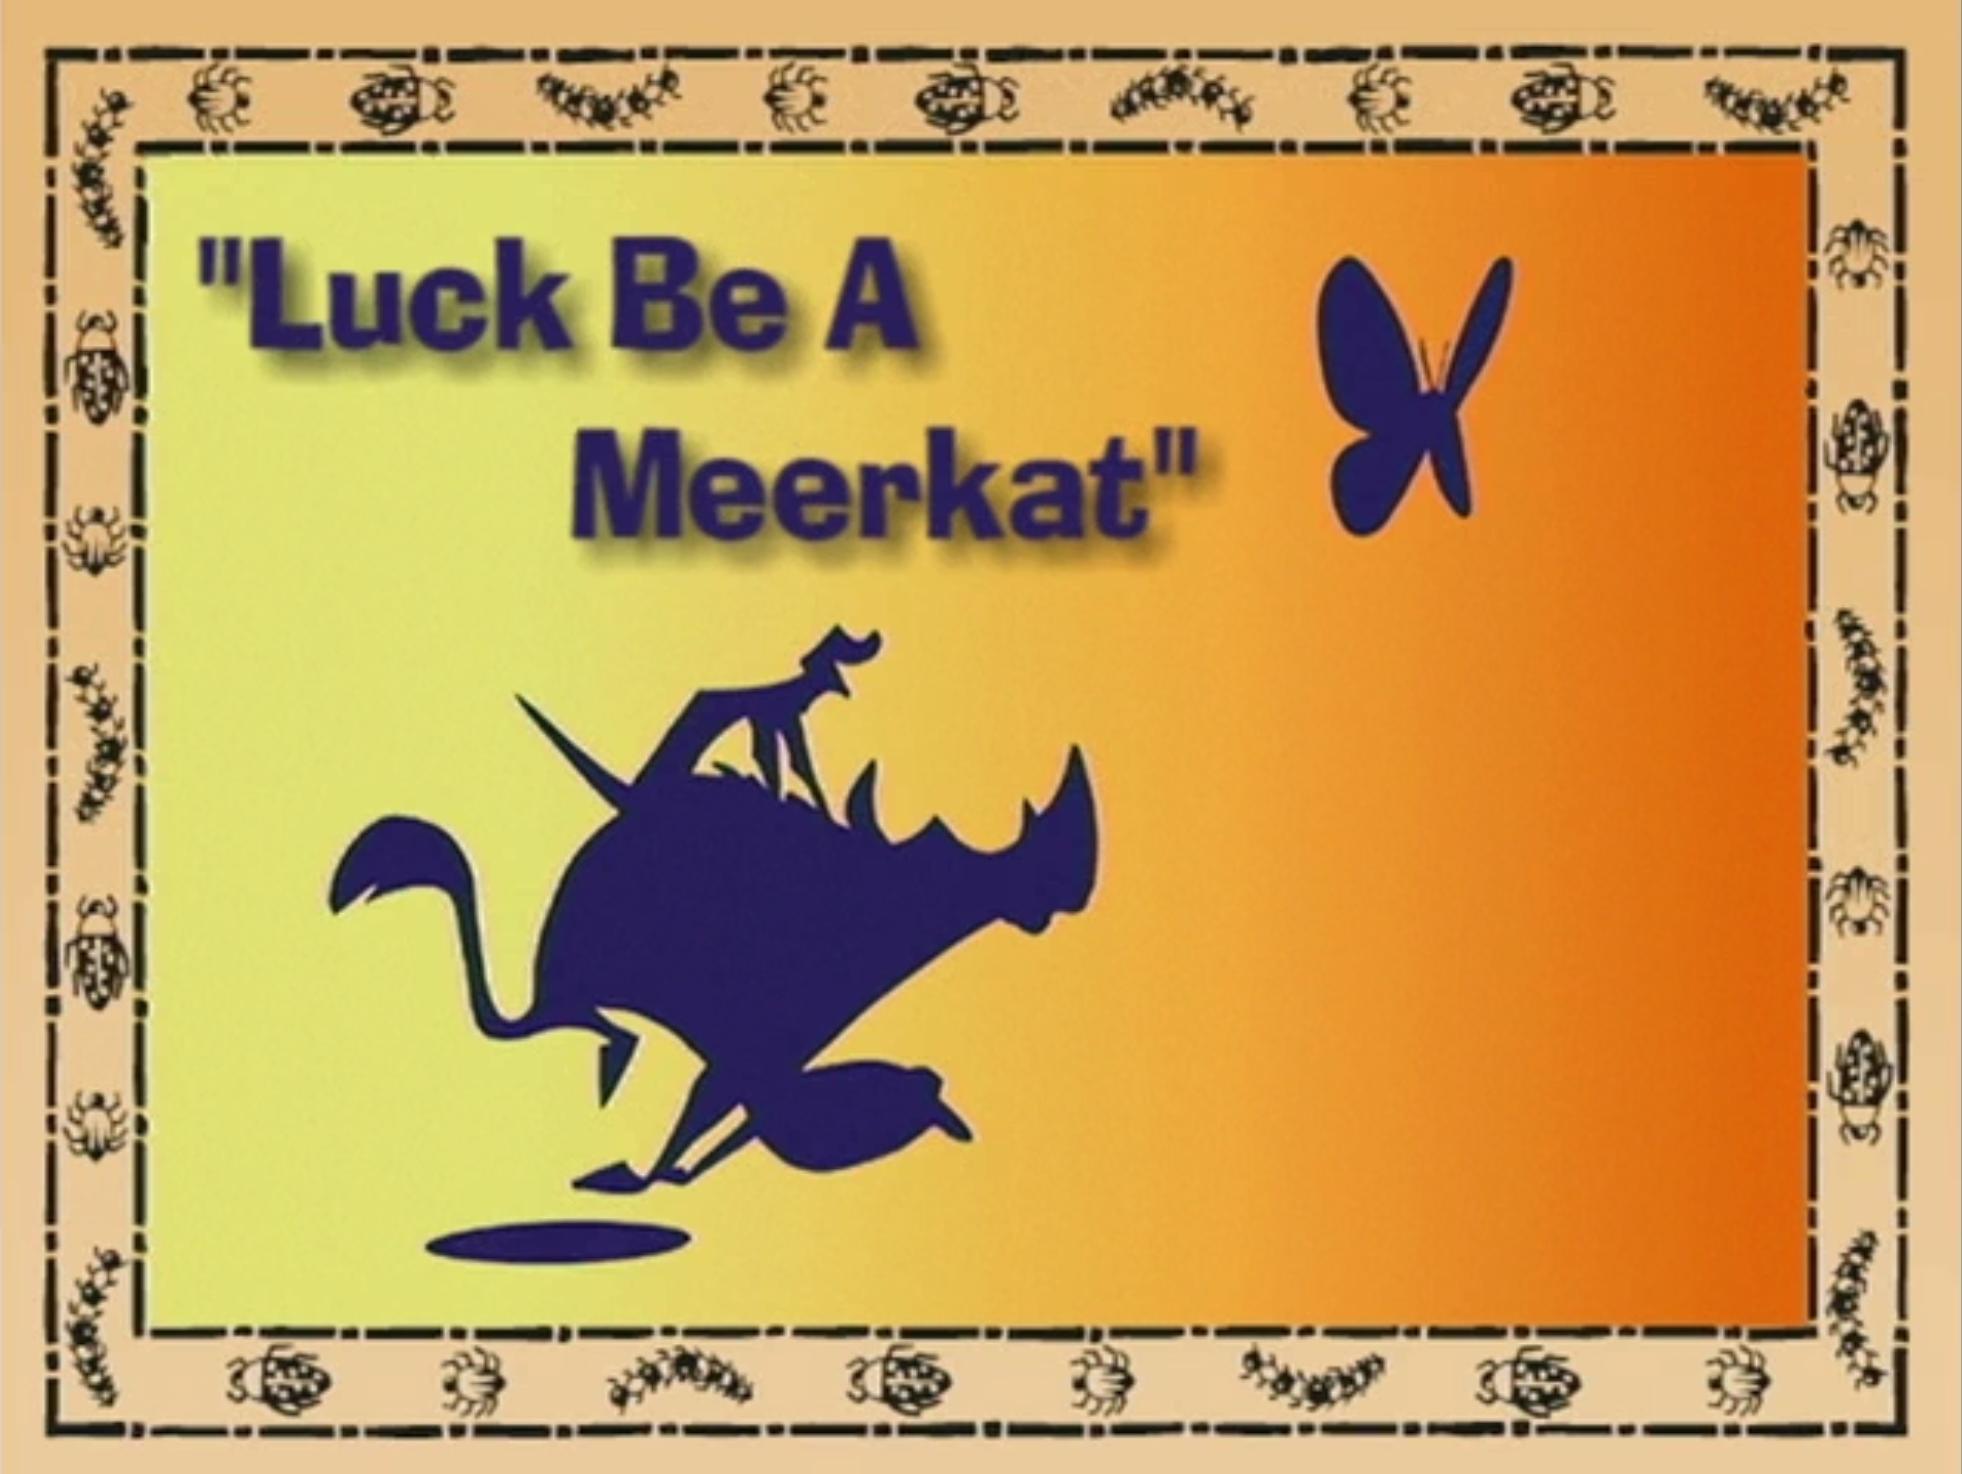 Luck Be a Meerkat